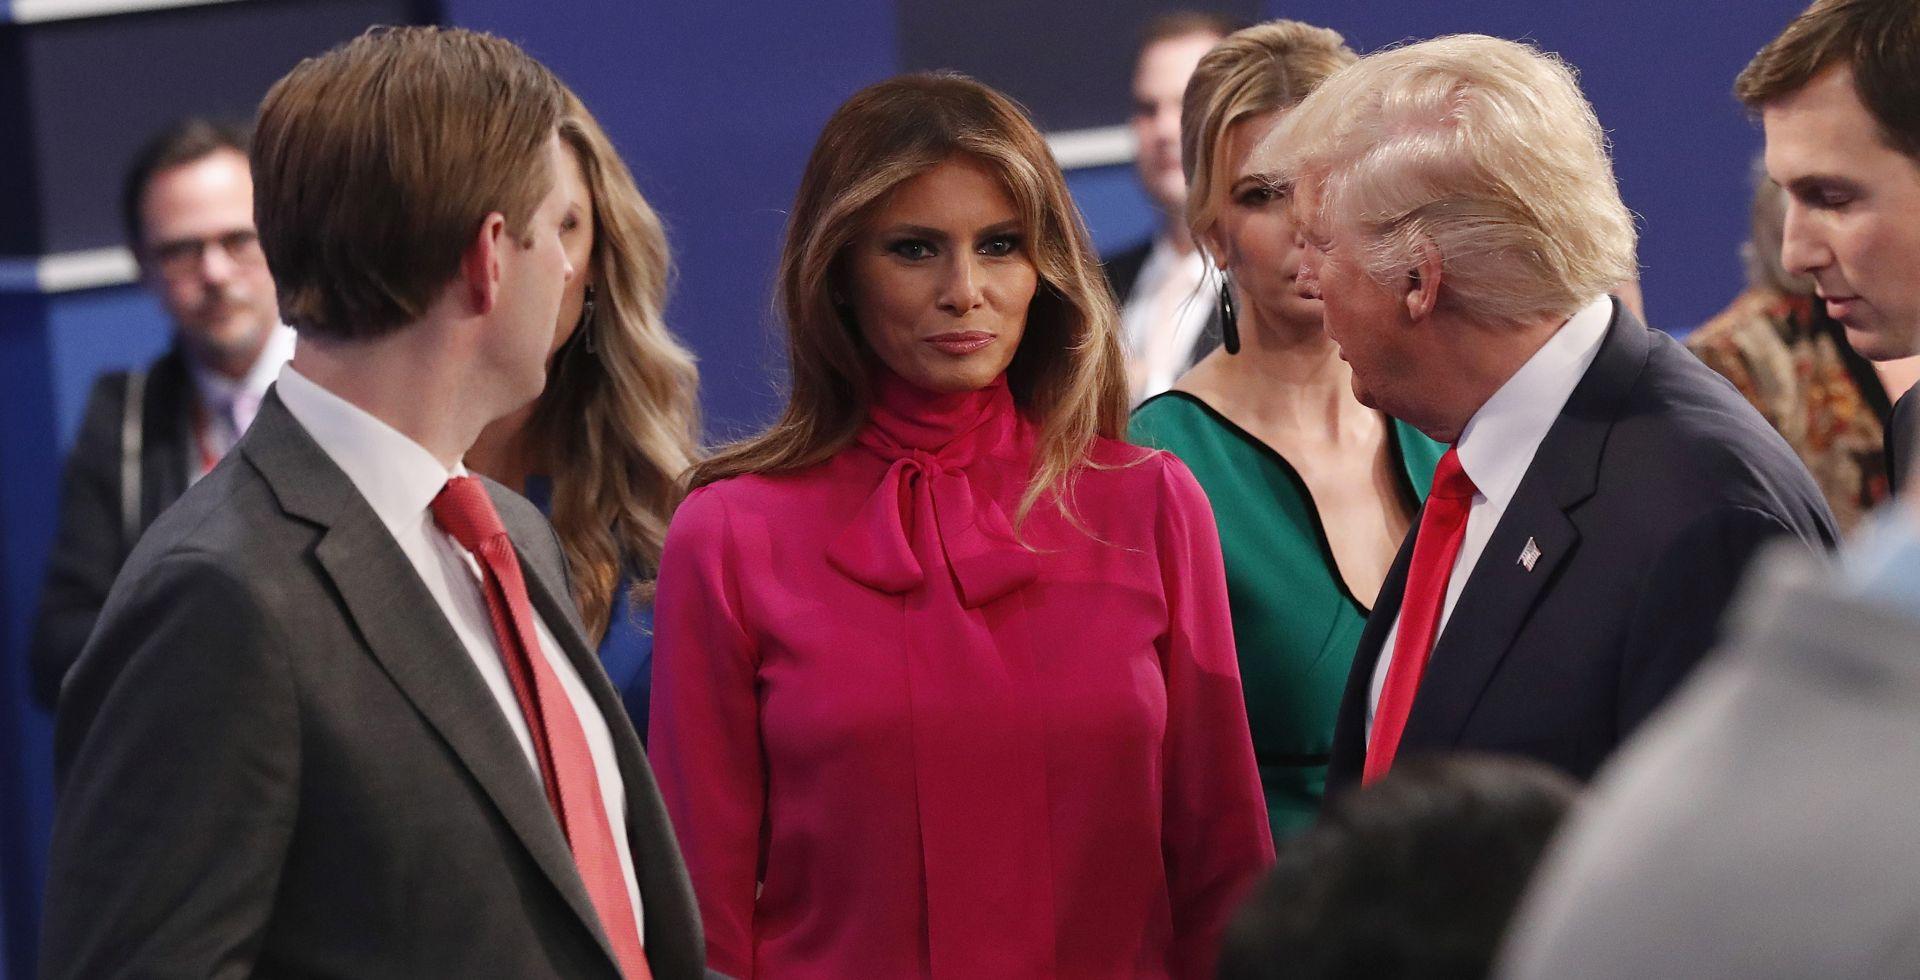 'BILI SU TO MUŠKI RAZGOVORI' Melania Trump o suprugovom odnosu prema ženama